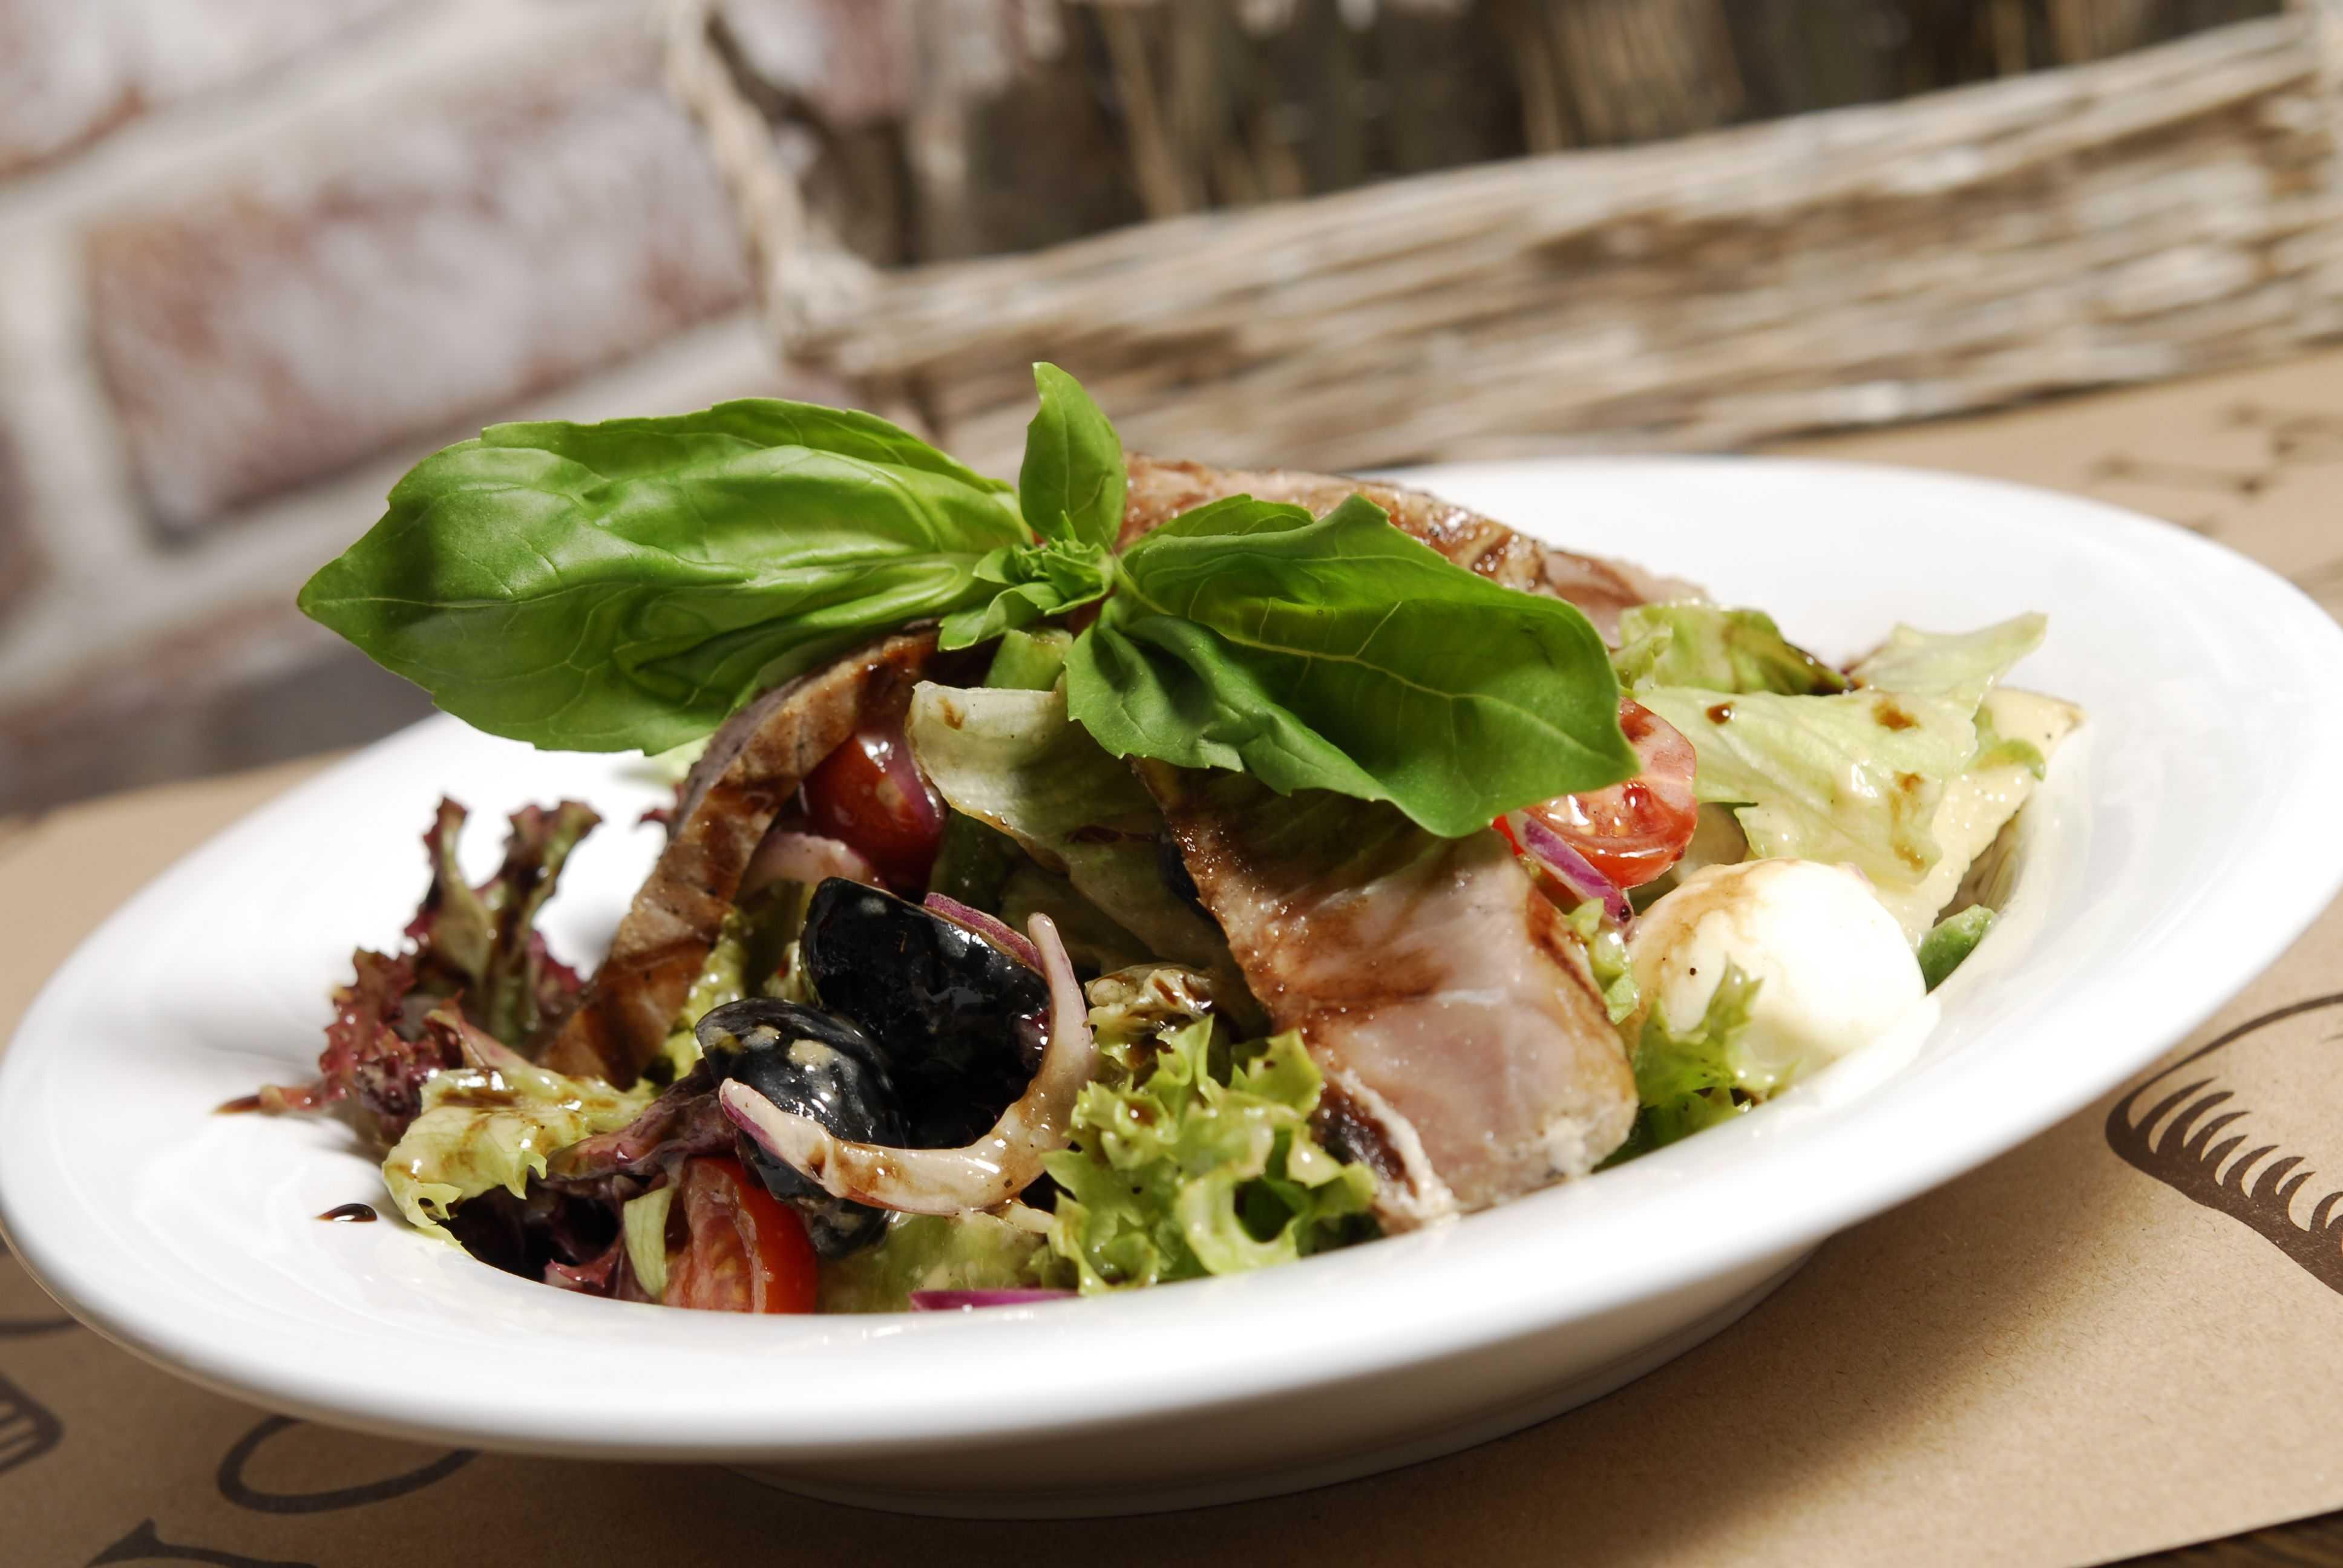 Салат «ташкент» с редькой и мясом - пошаговый рецепт с фото